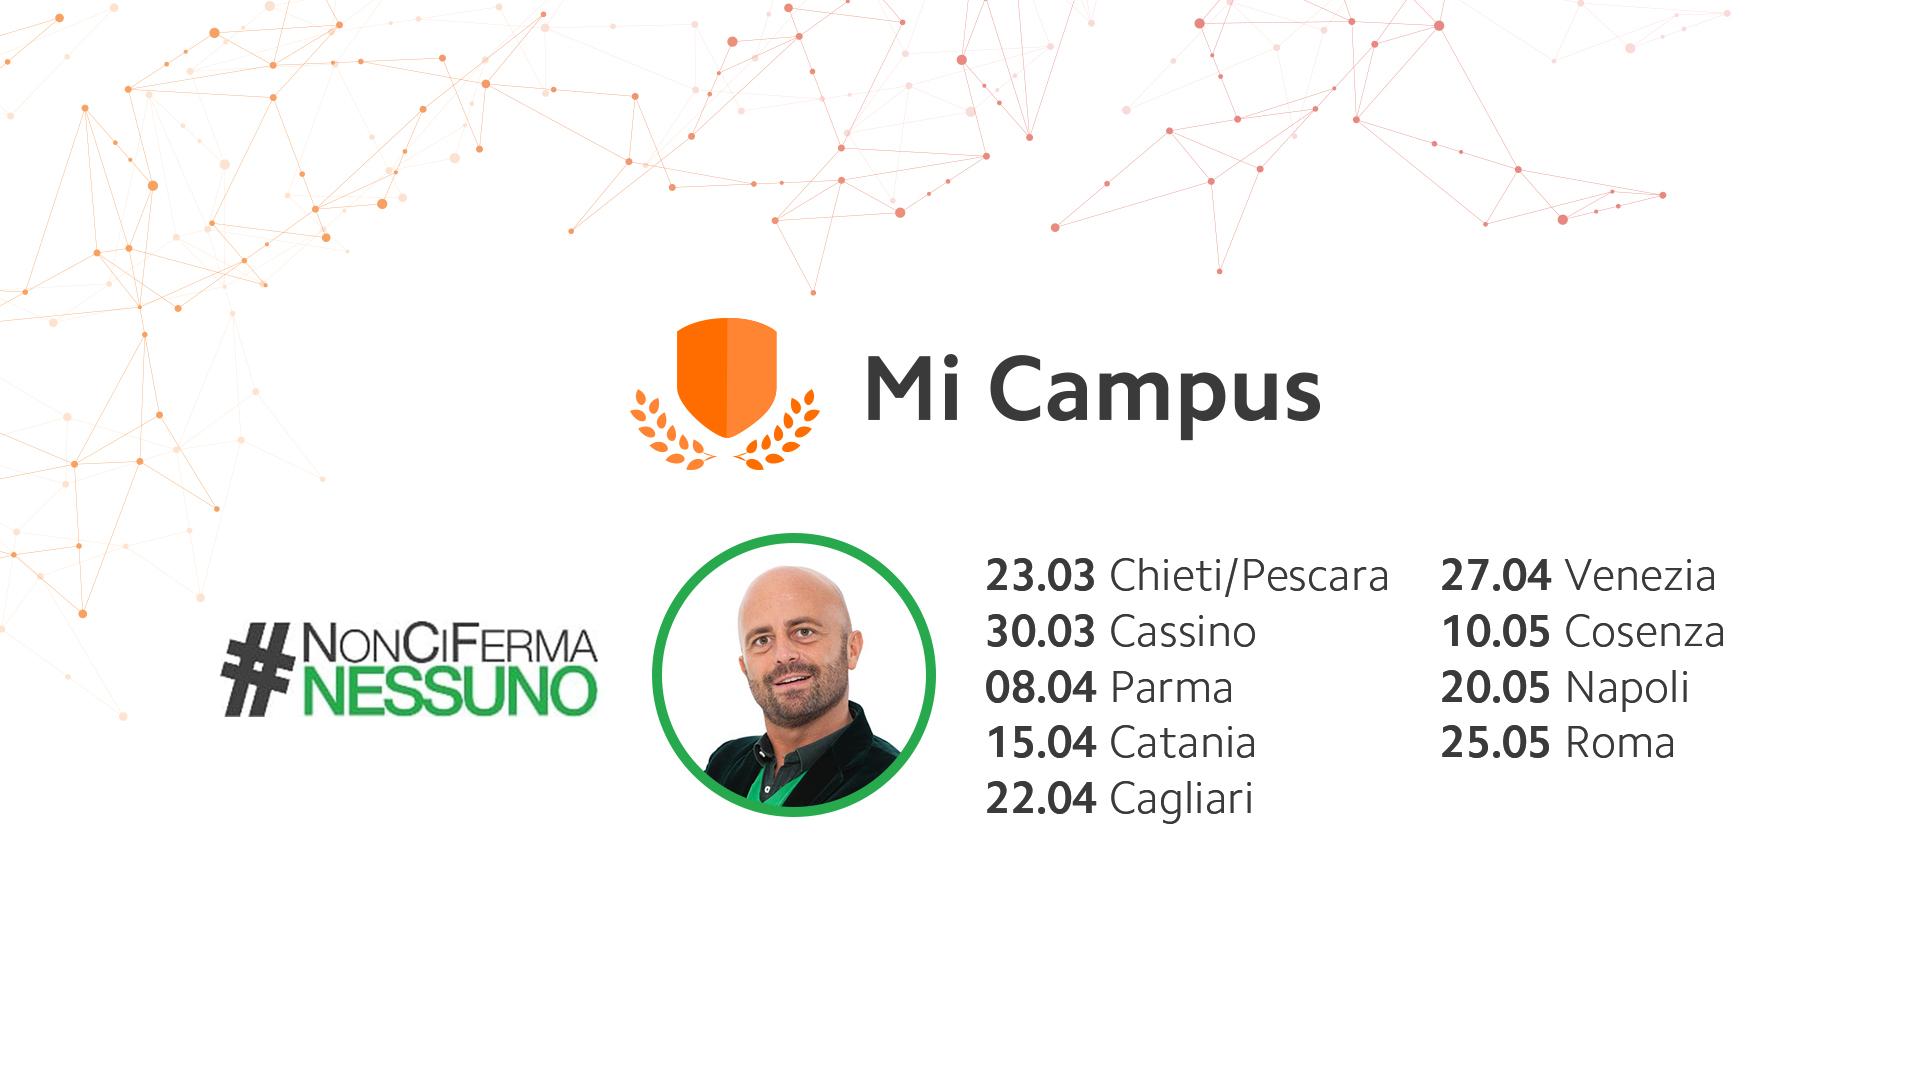 Mi Campus